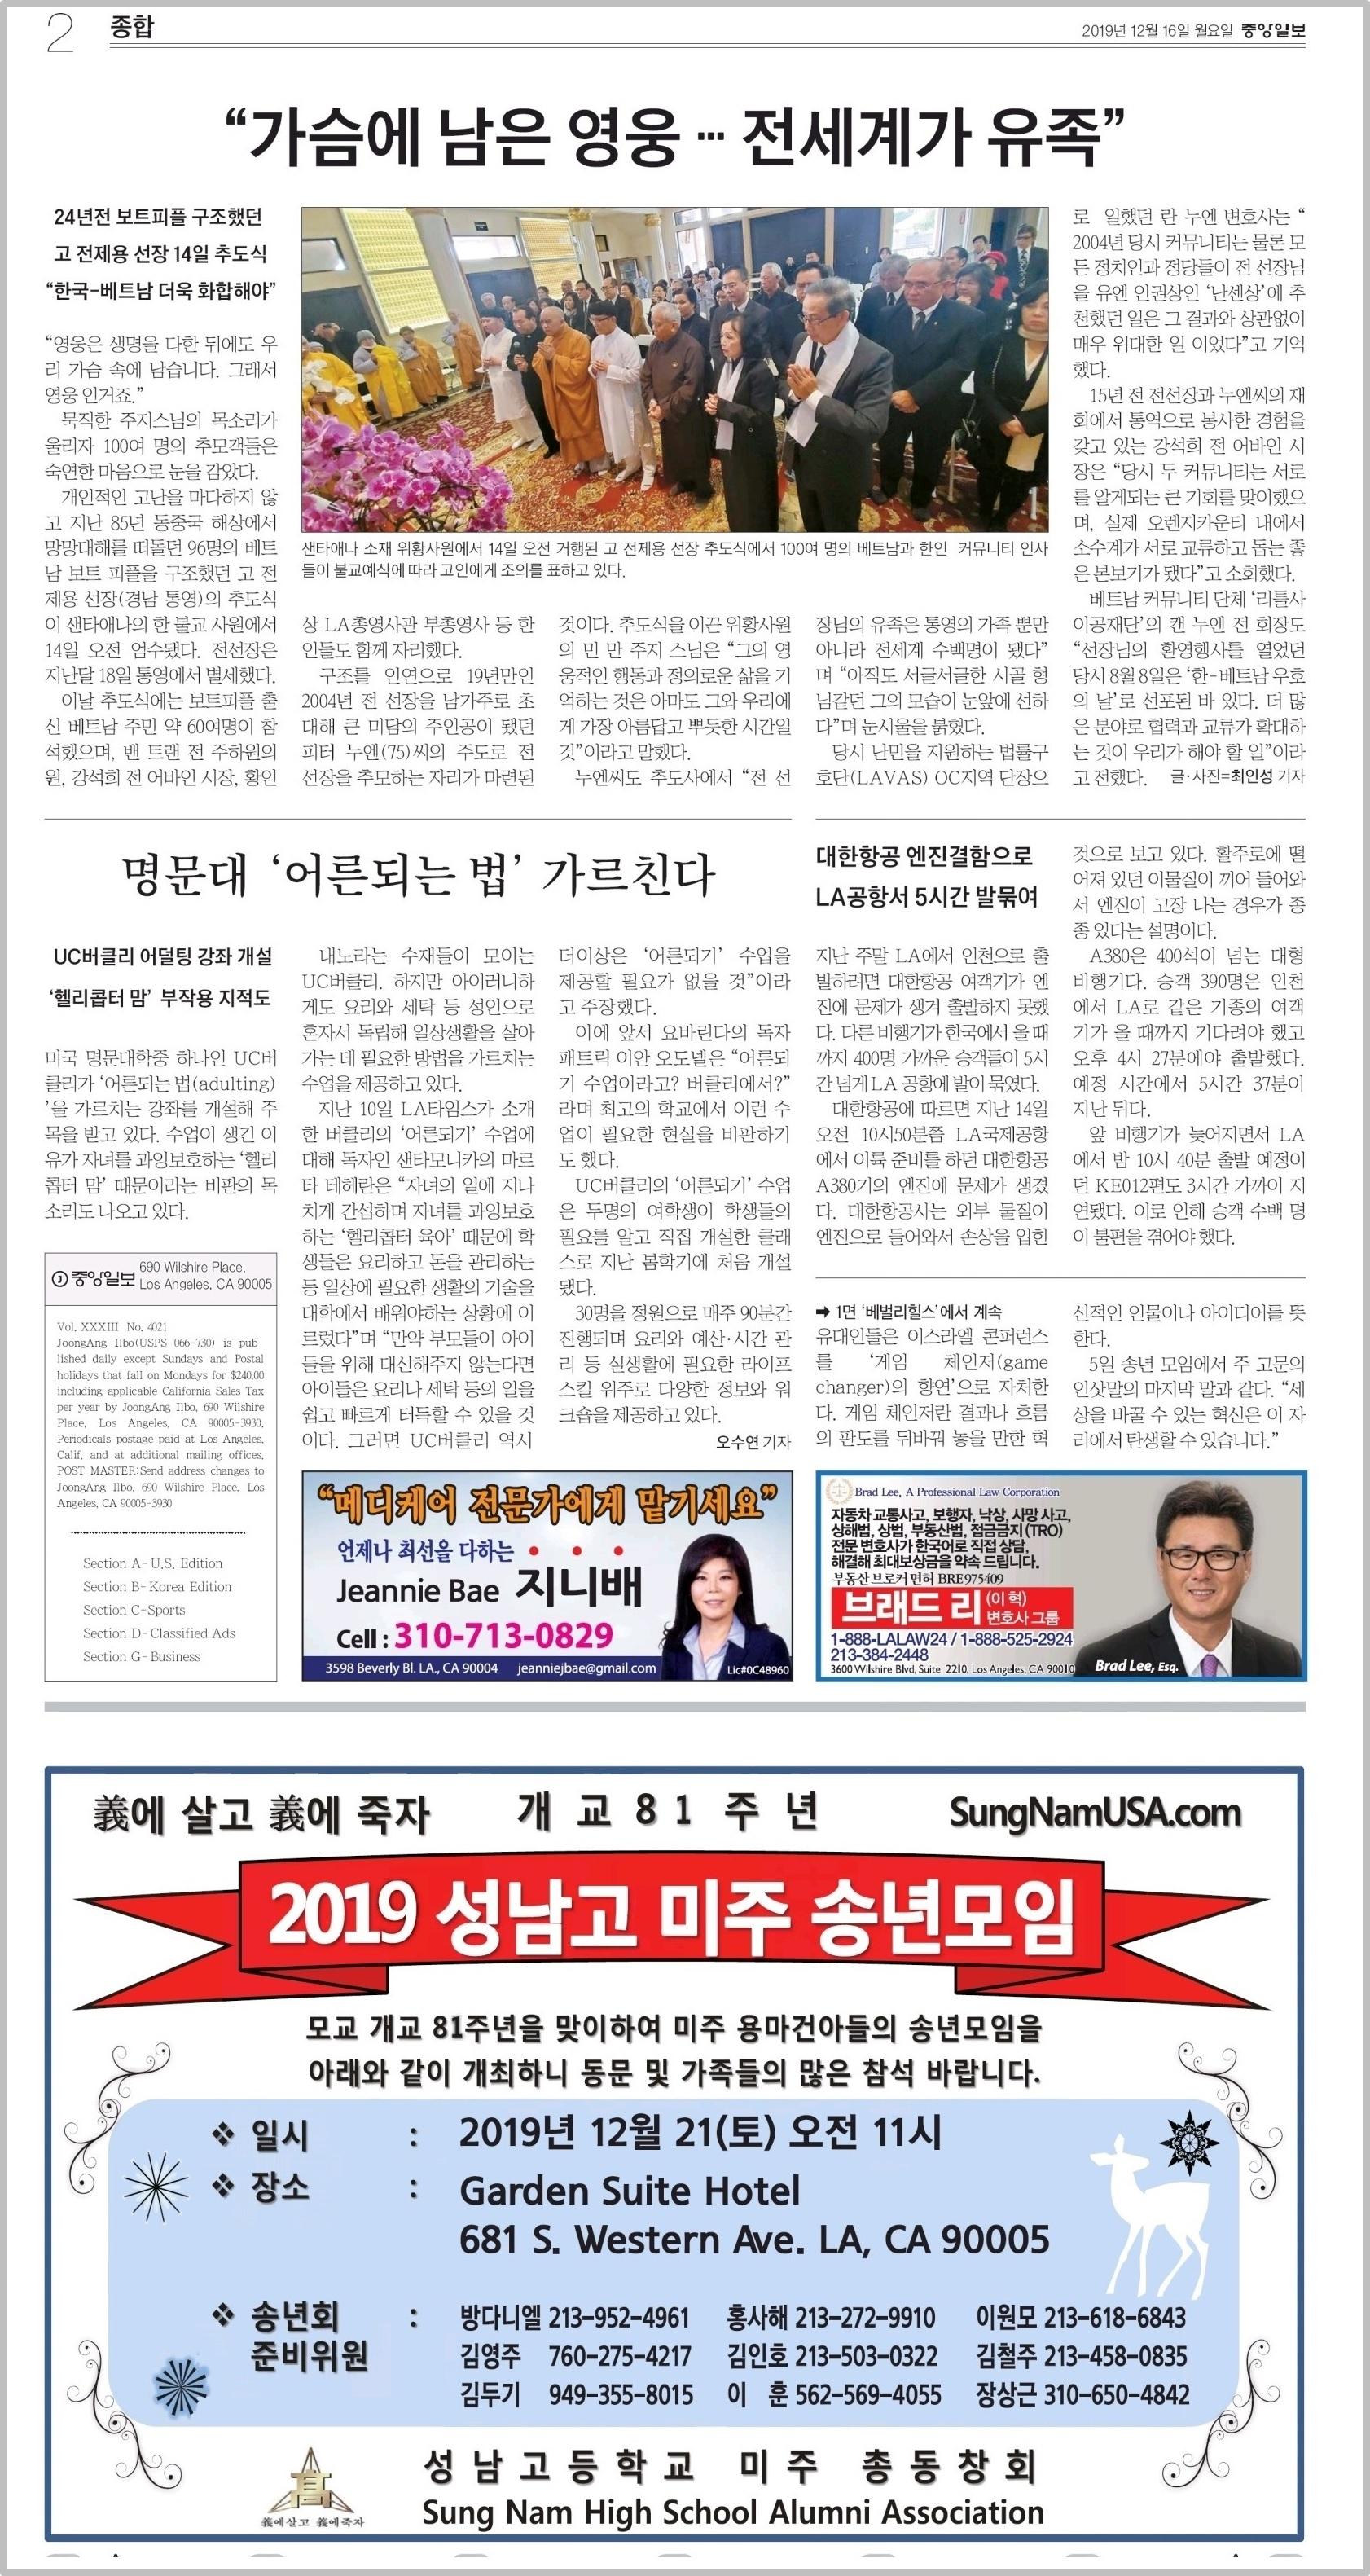 미주 중앙일보 - 12월 16일 월요일자 신문.jpg